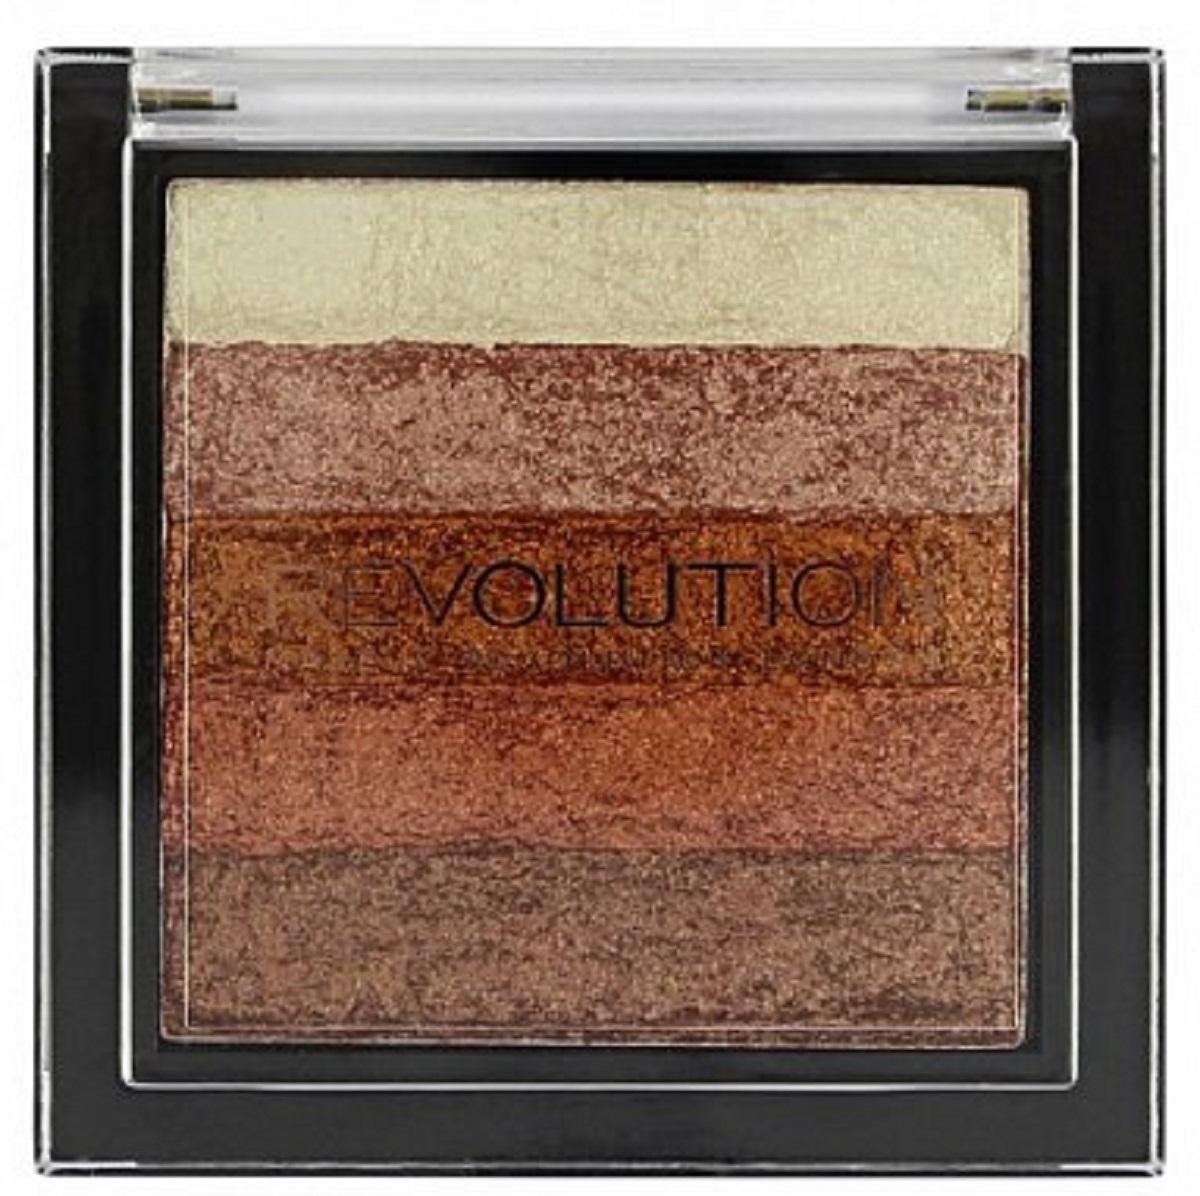 Makeup Revolution Хайлайтер Vivid Shimmer Brick Rose Gold хайлайтер ultra strobe and light makeup revolution лицо